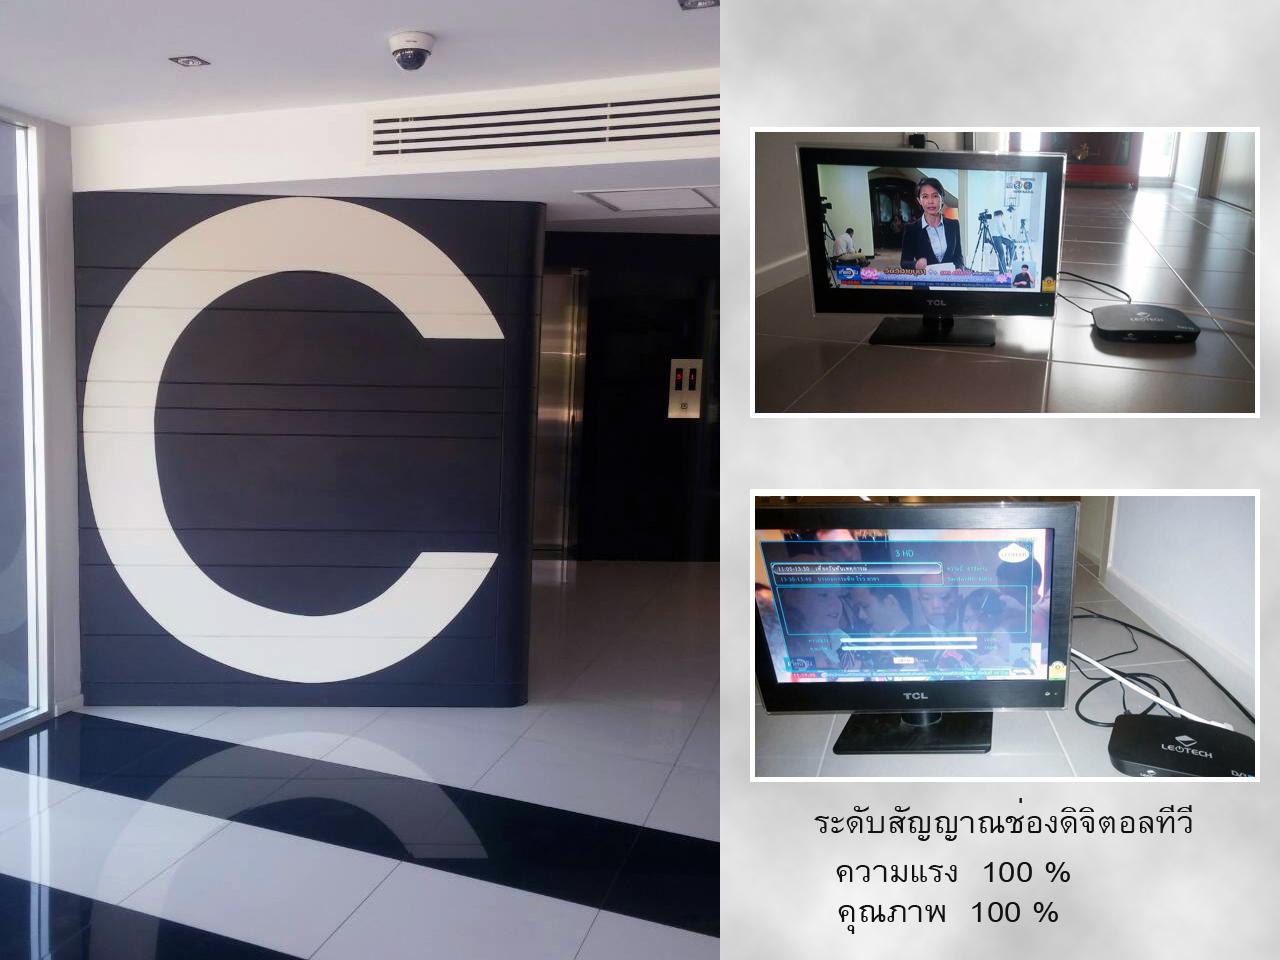 ทดสัญญาณดิจิตอลทีวี ที่อาคาร C